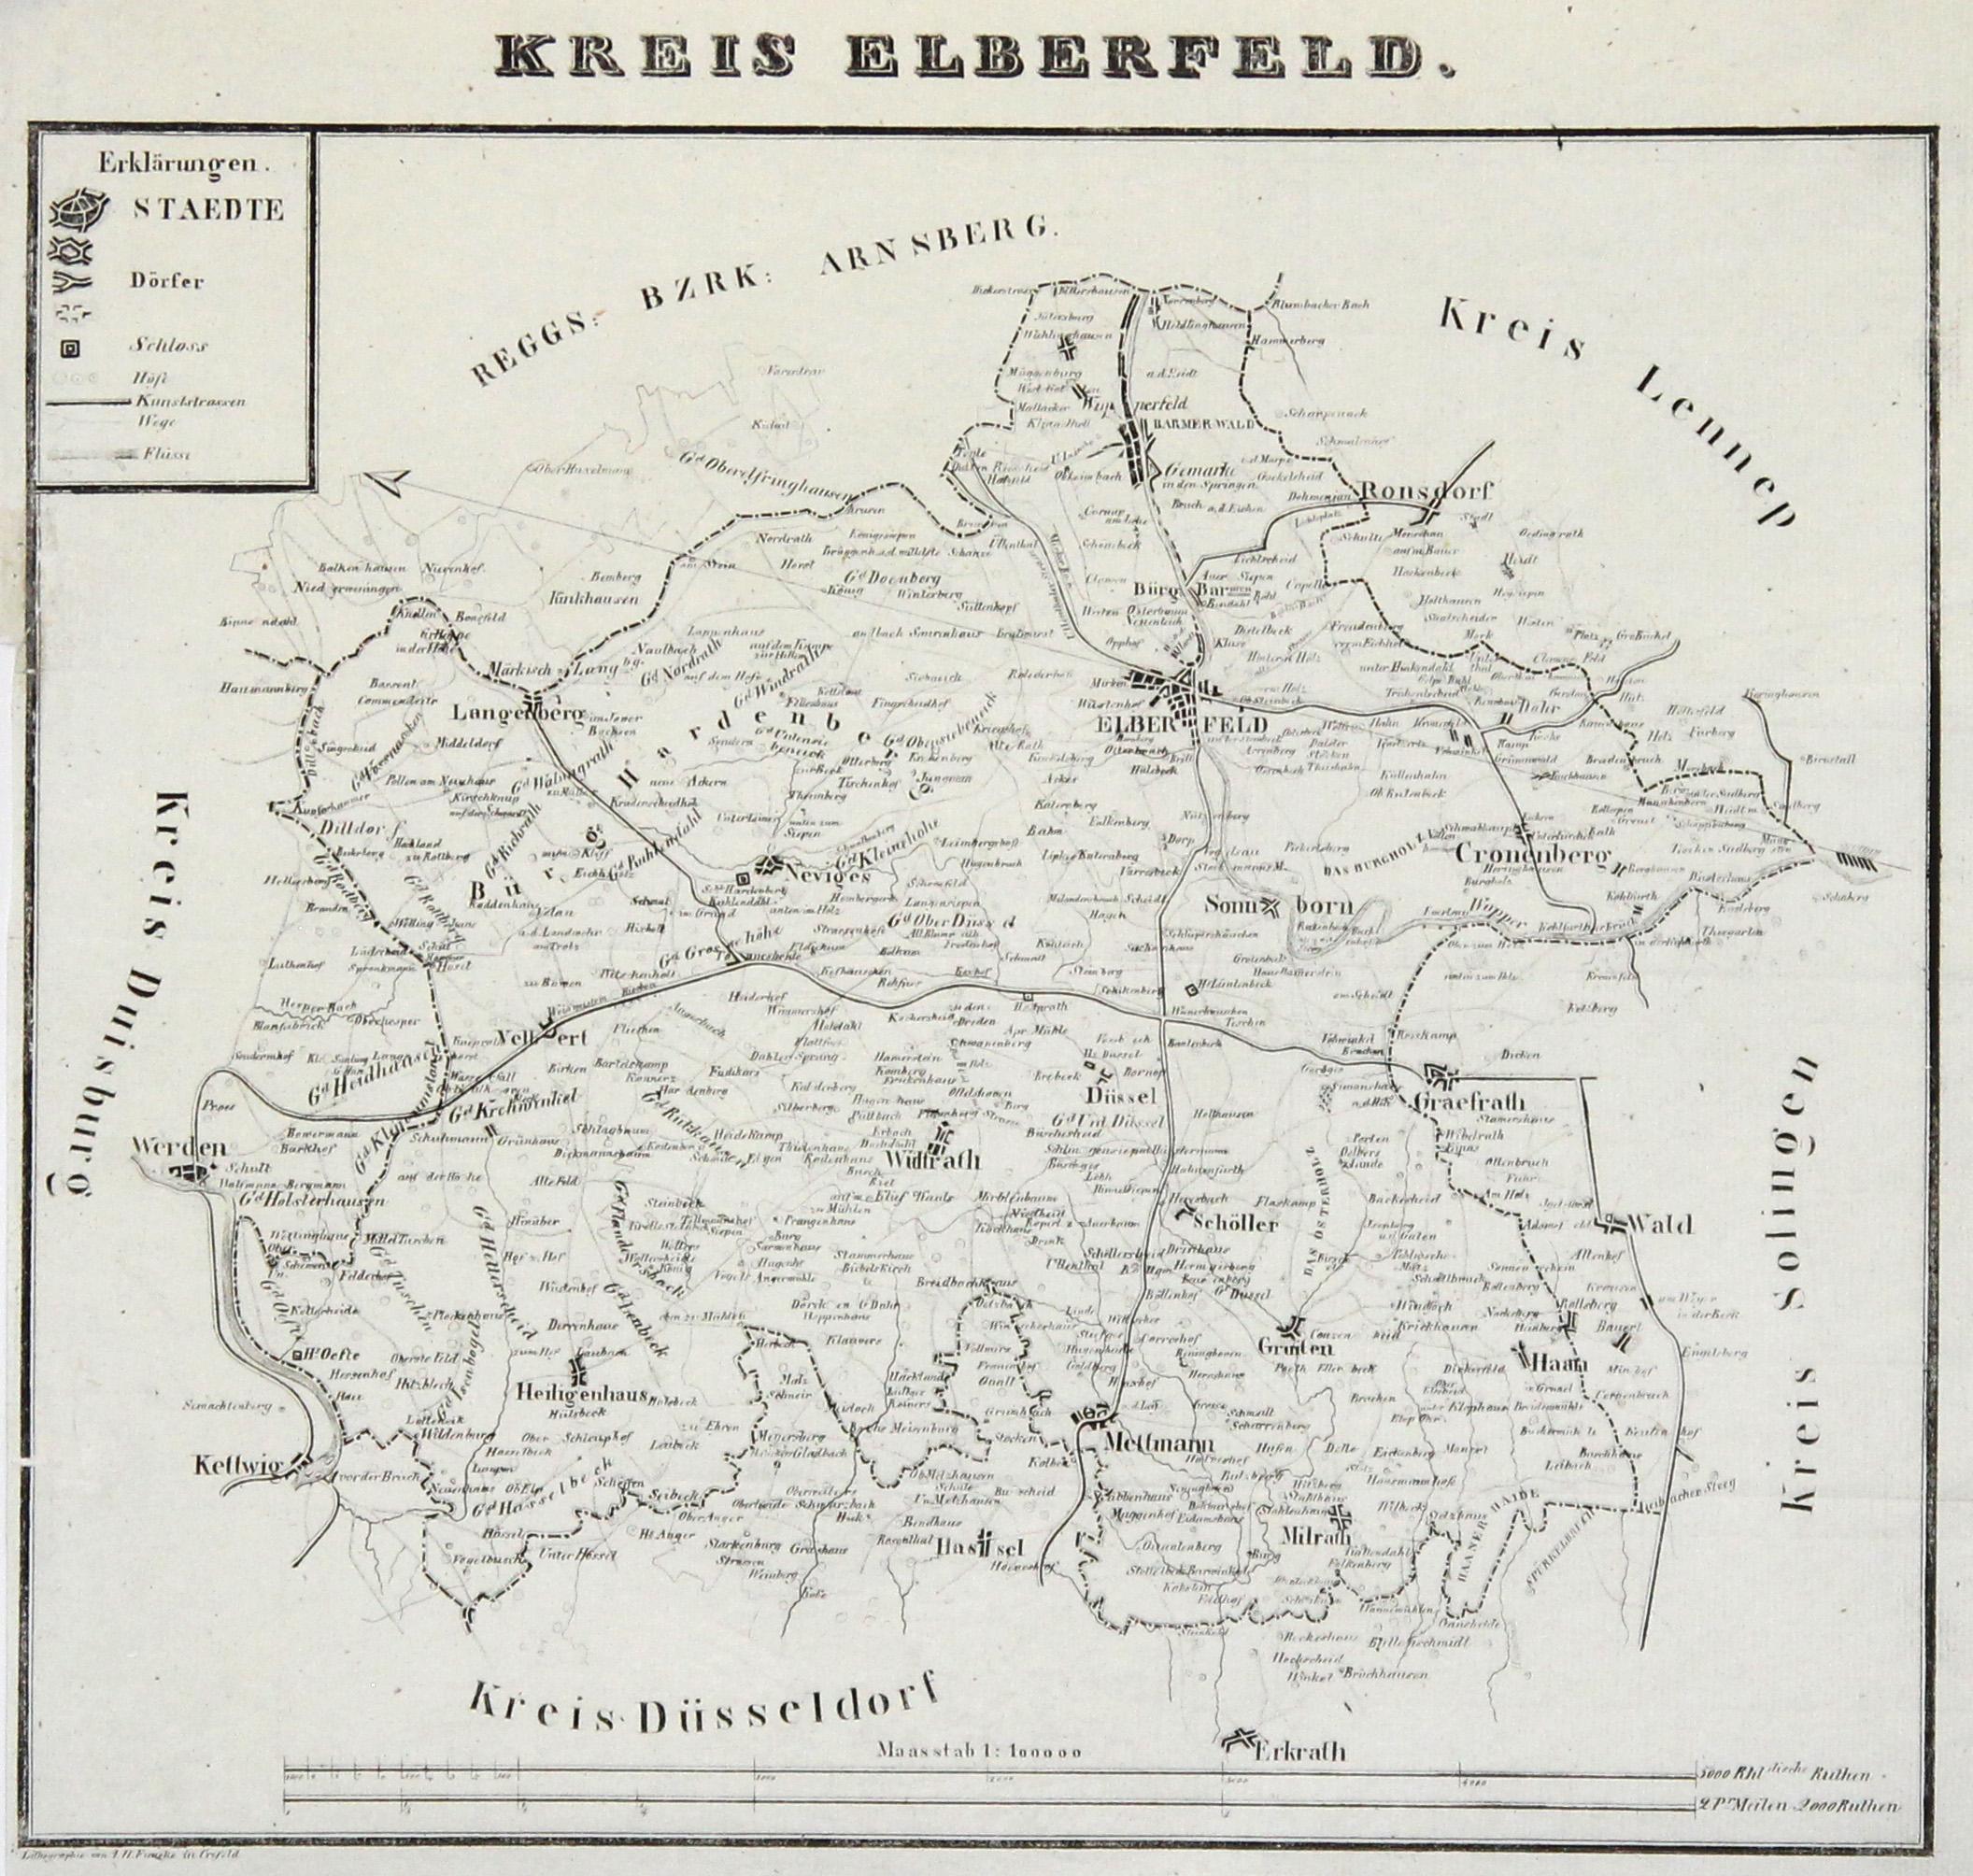 Krefeld Karte.Litho Karte V I H Funcke In Krefeld